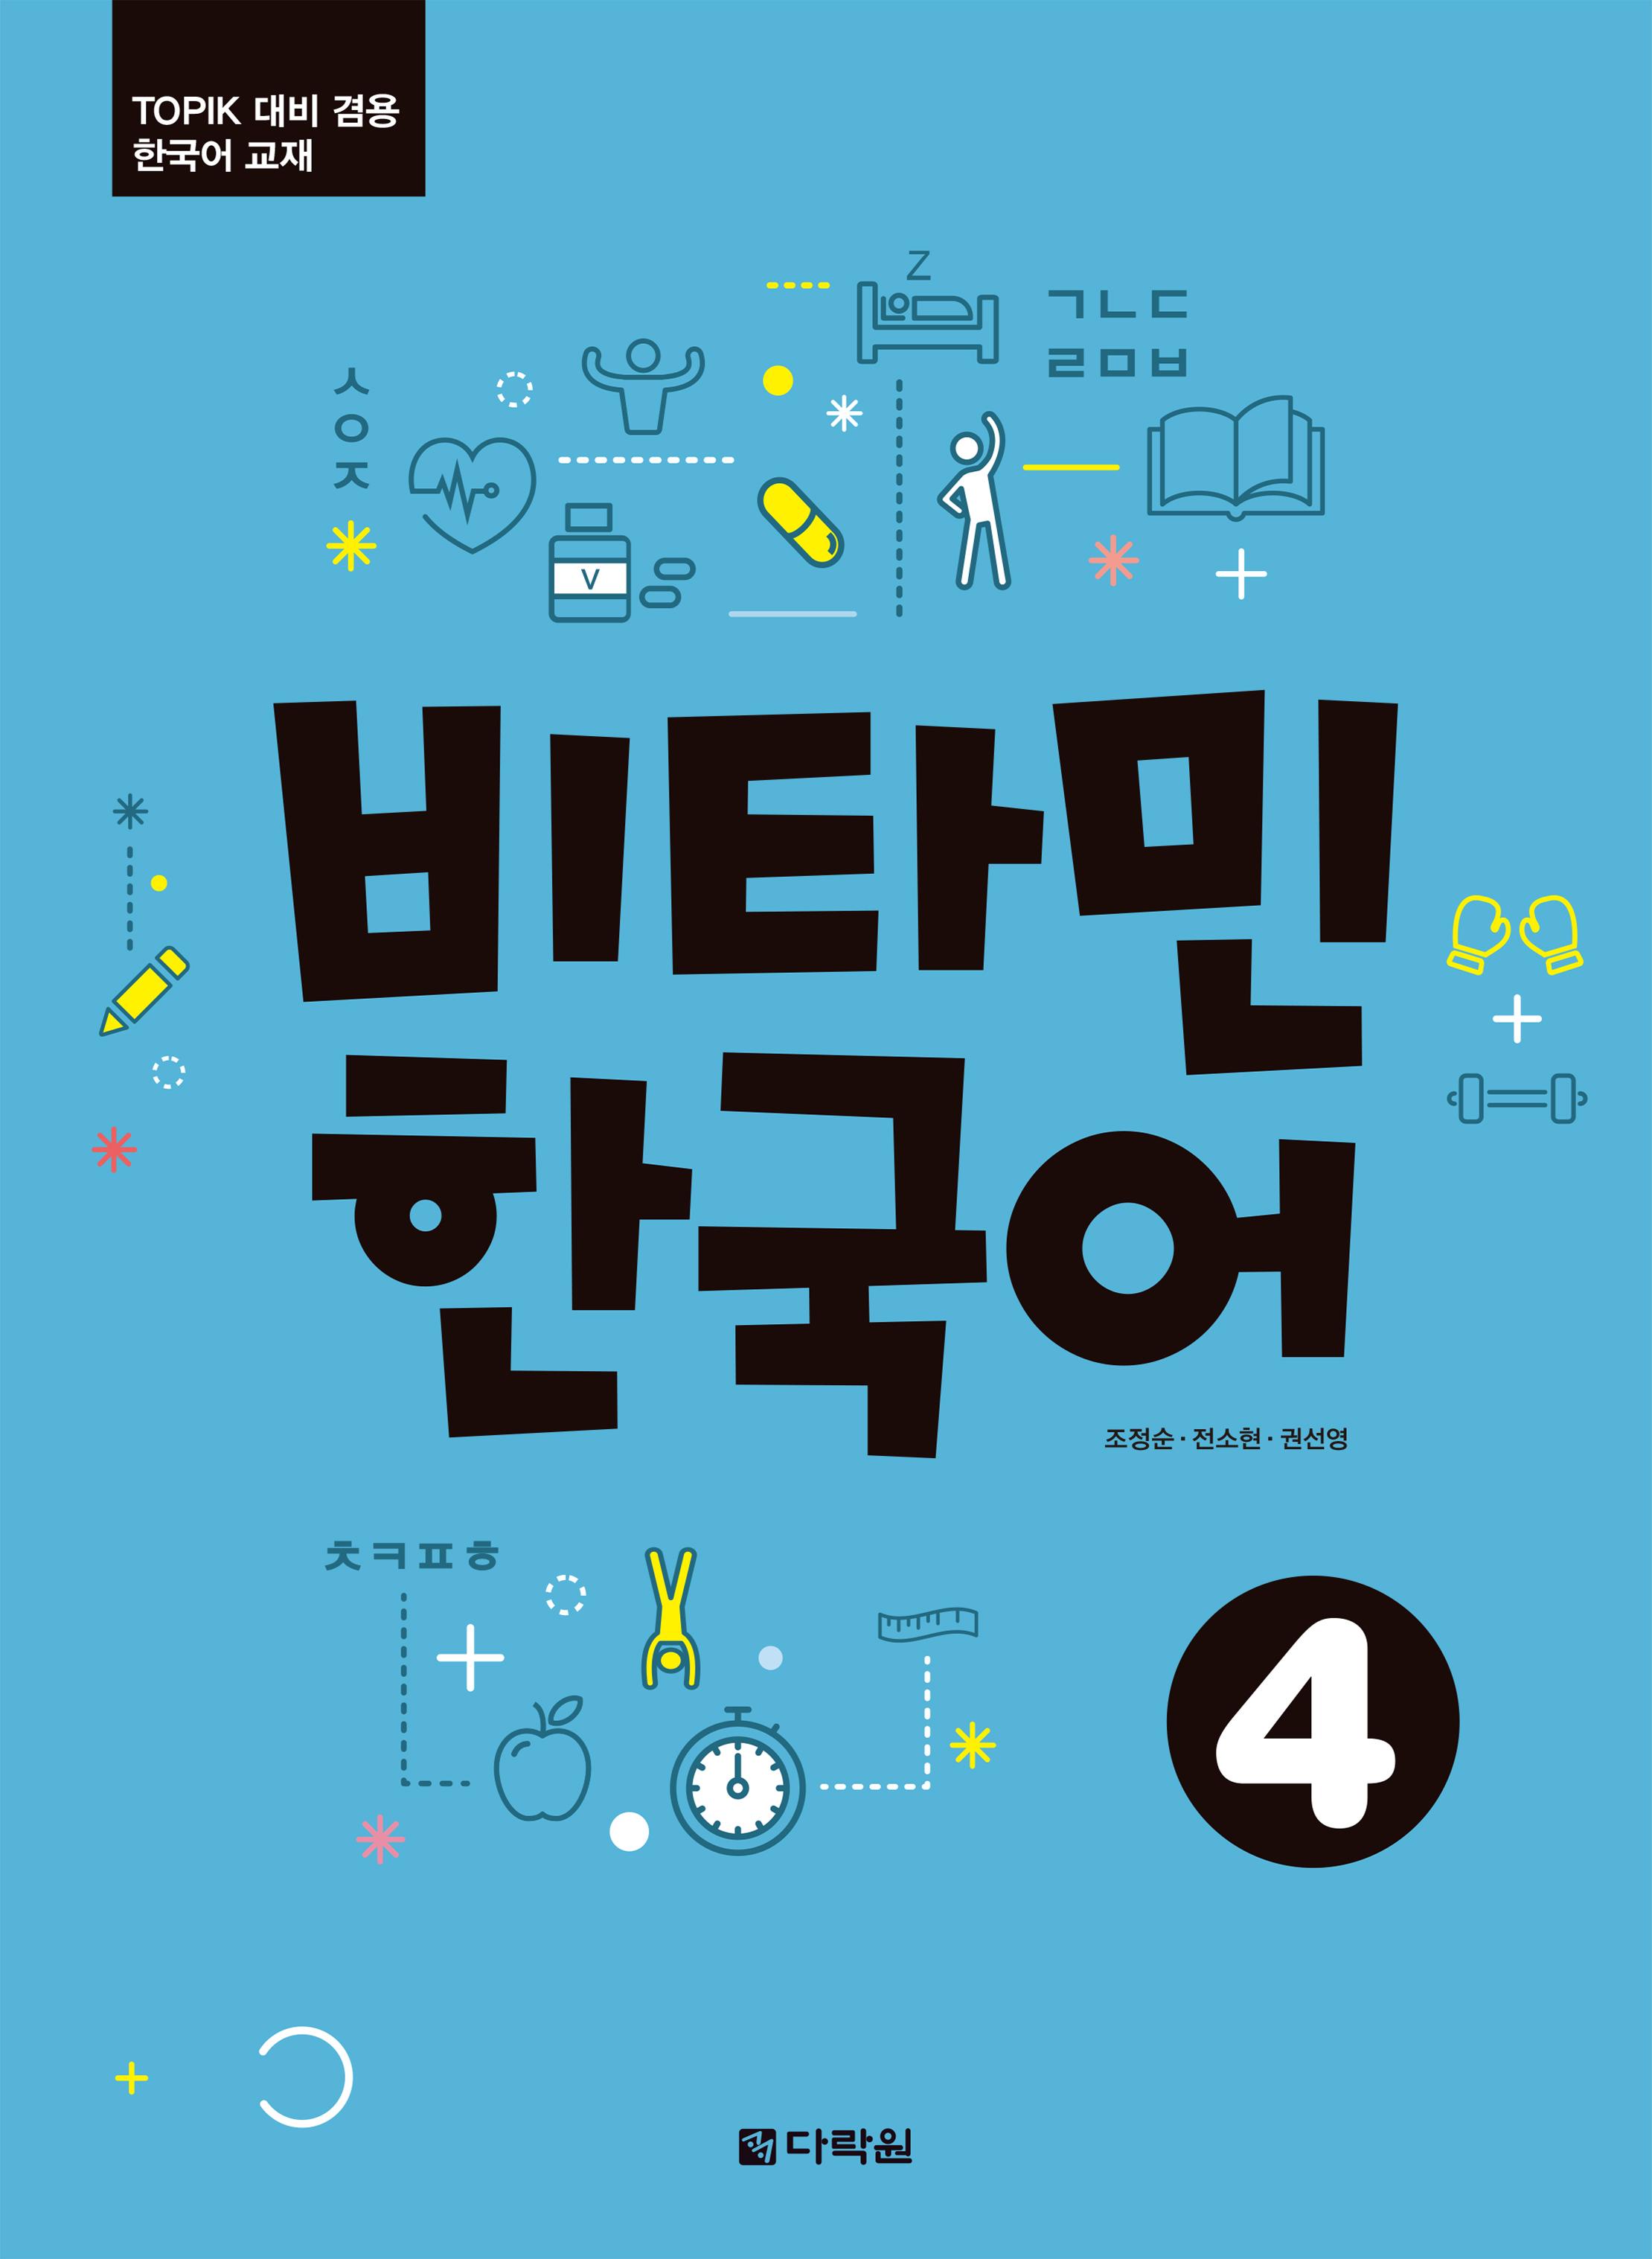 [비타민 한국어] 비타민 한국어 4 : TOPIK 대비 겸용 한국어 교재